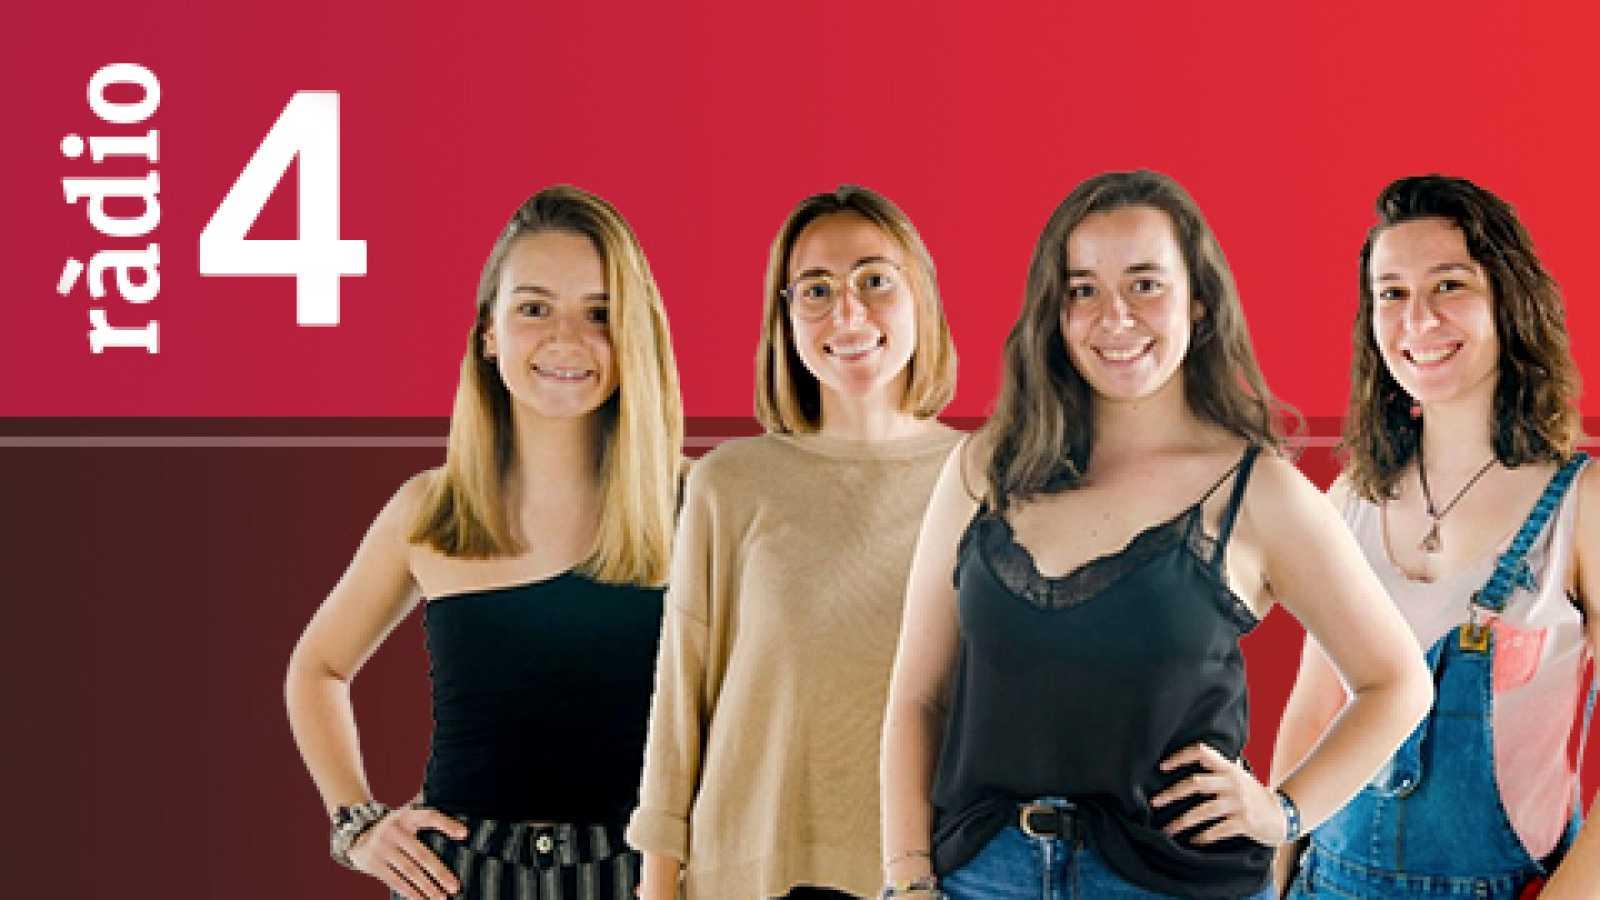 Feminismes a Ràdio 4 - 6 de setembre de 2019